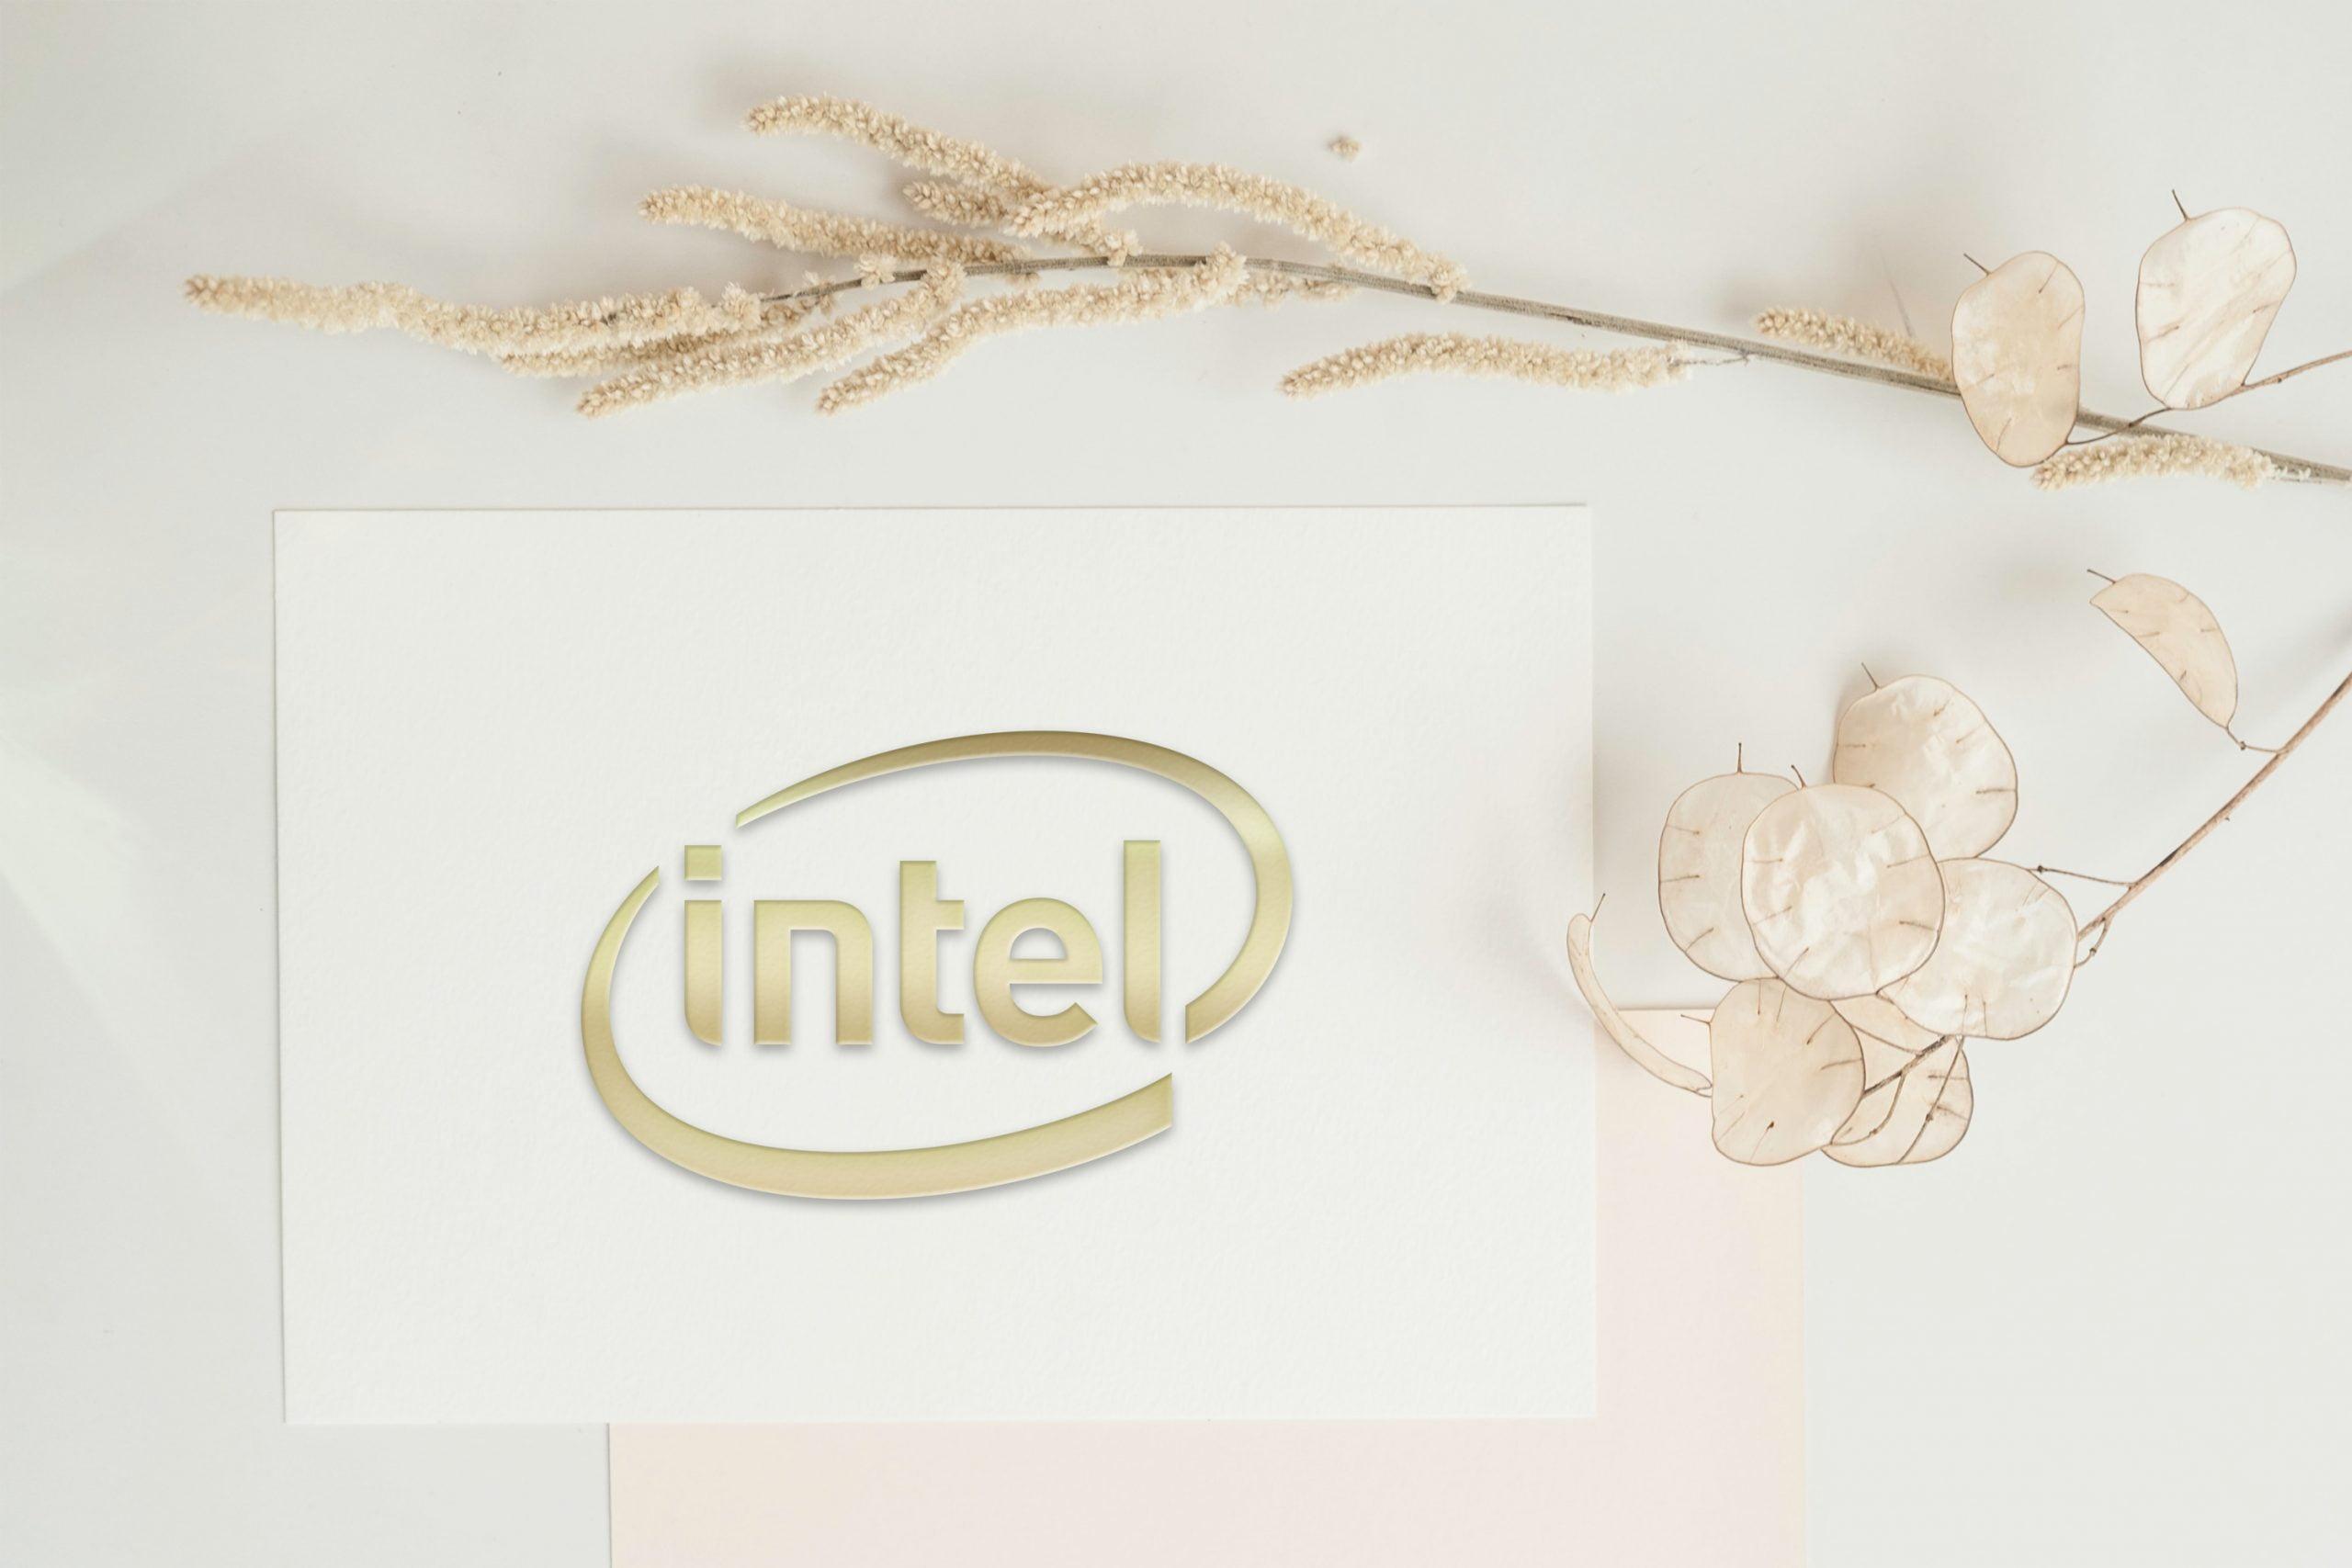 3D Embossed Golden Logo Card Mockup Template